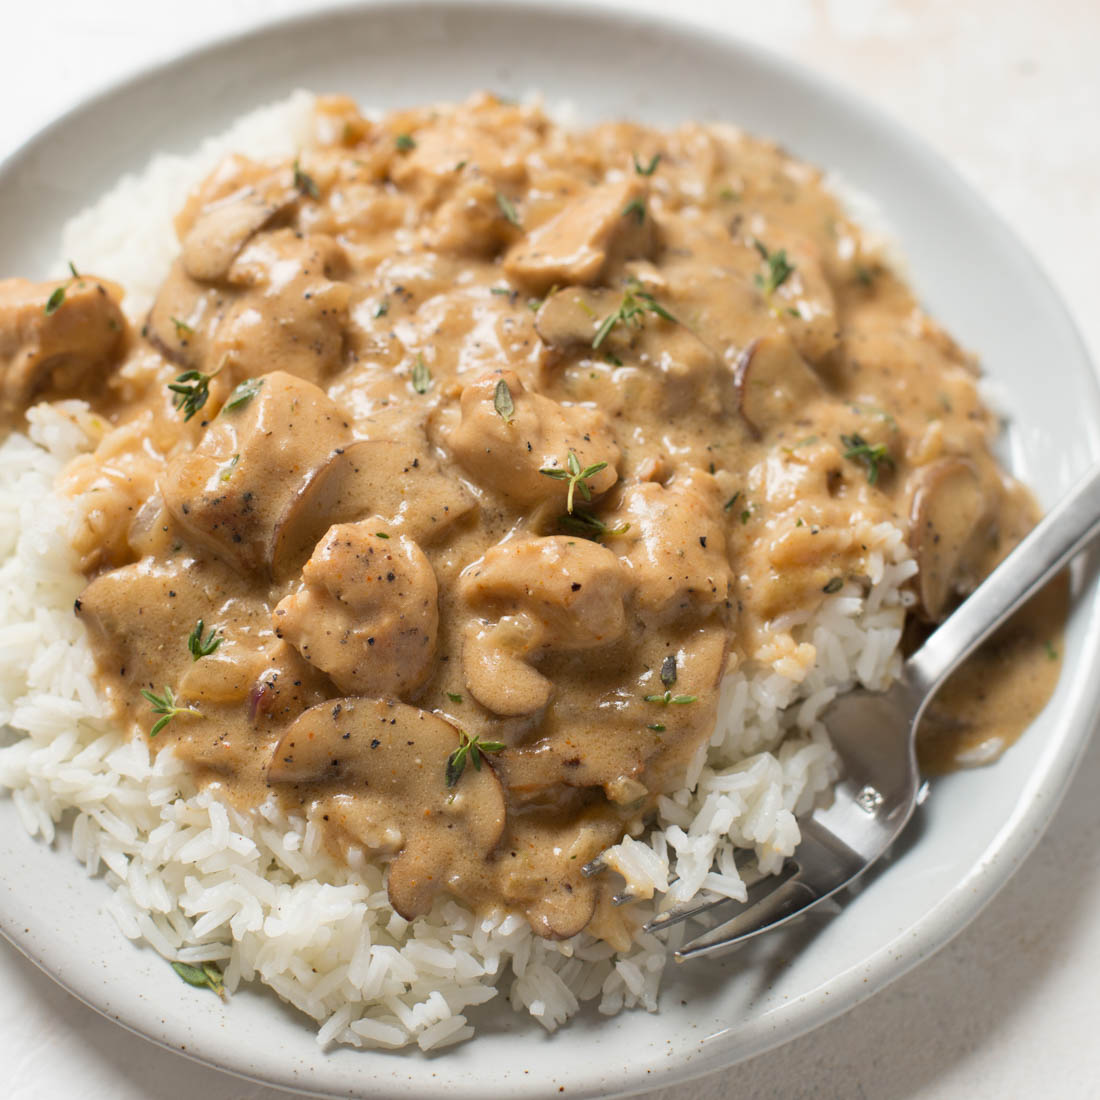 Chicken stroganoff served over rice